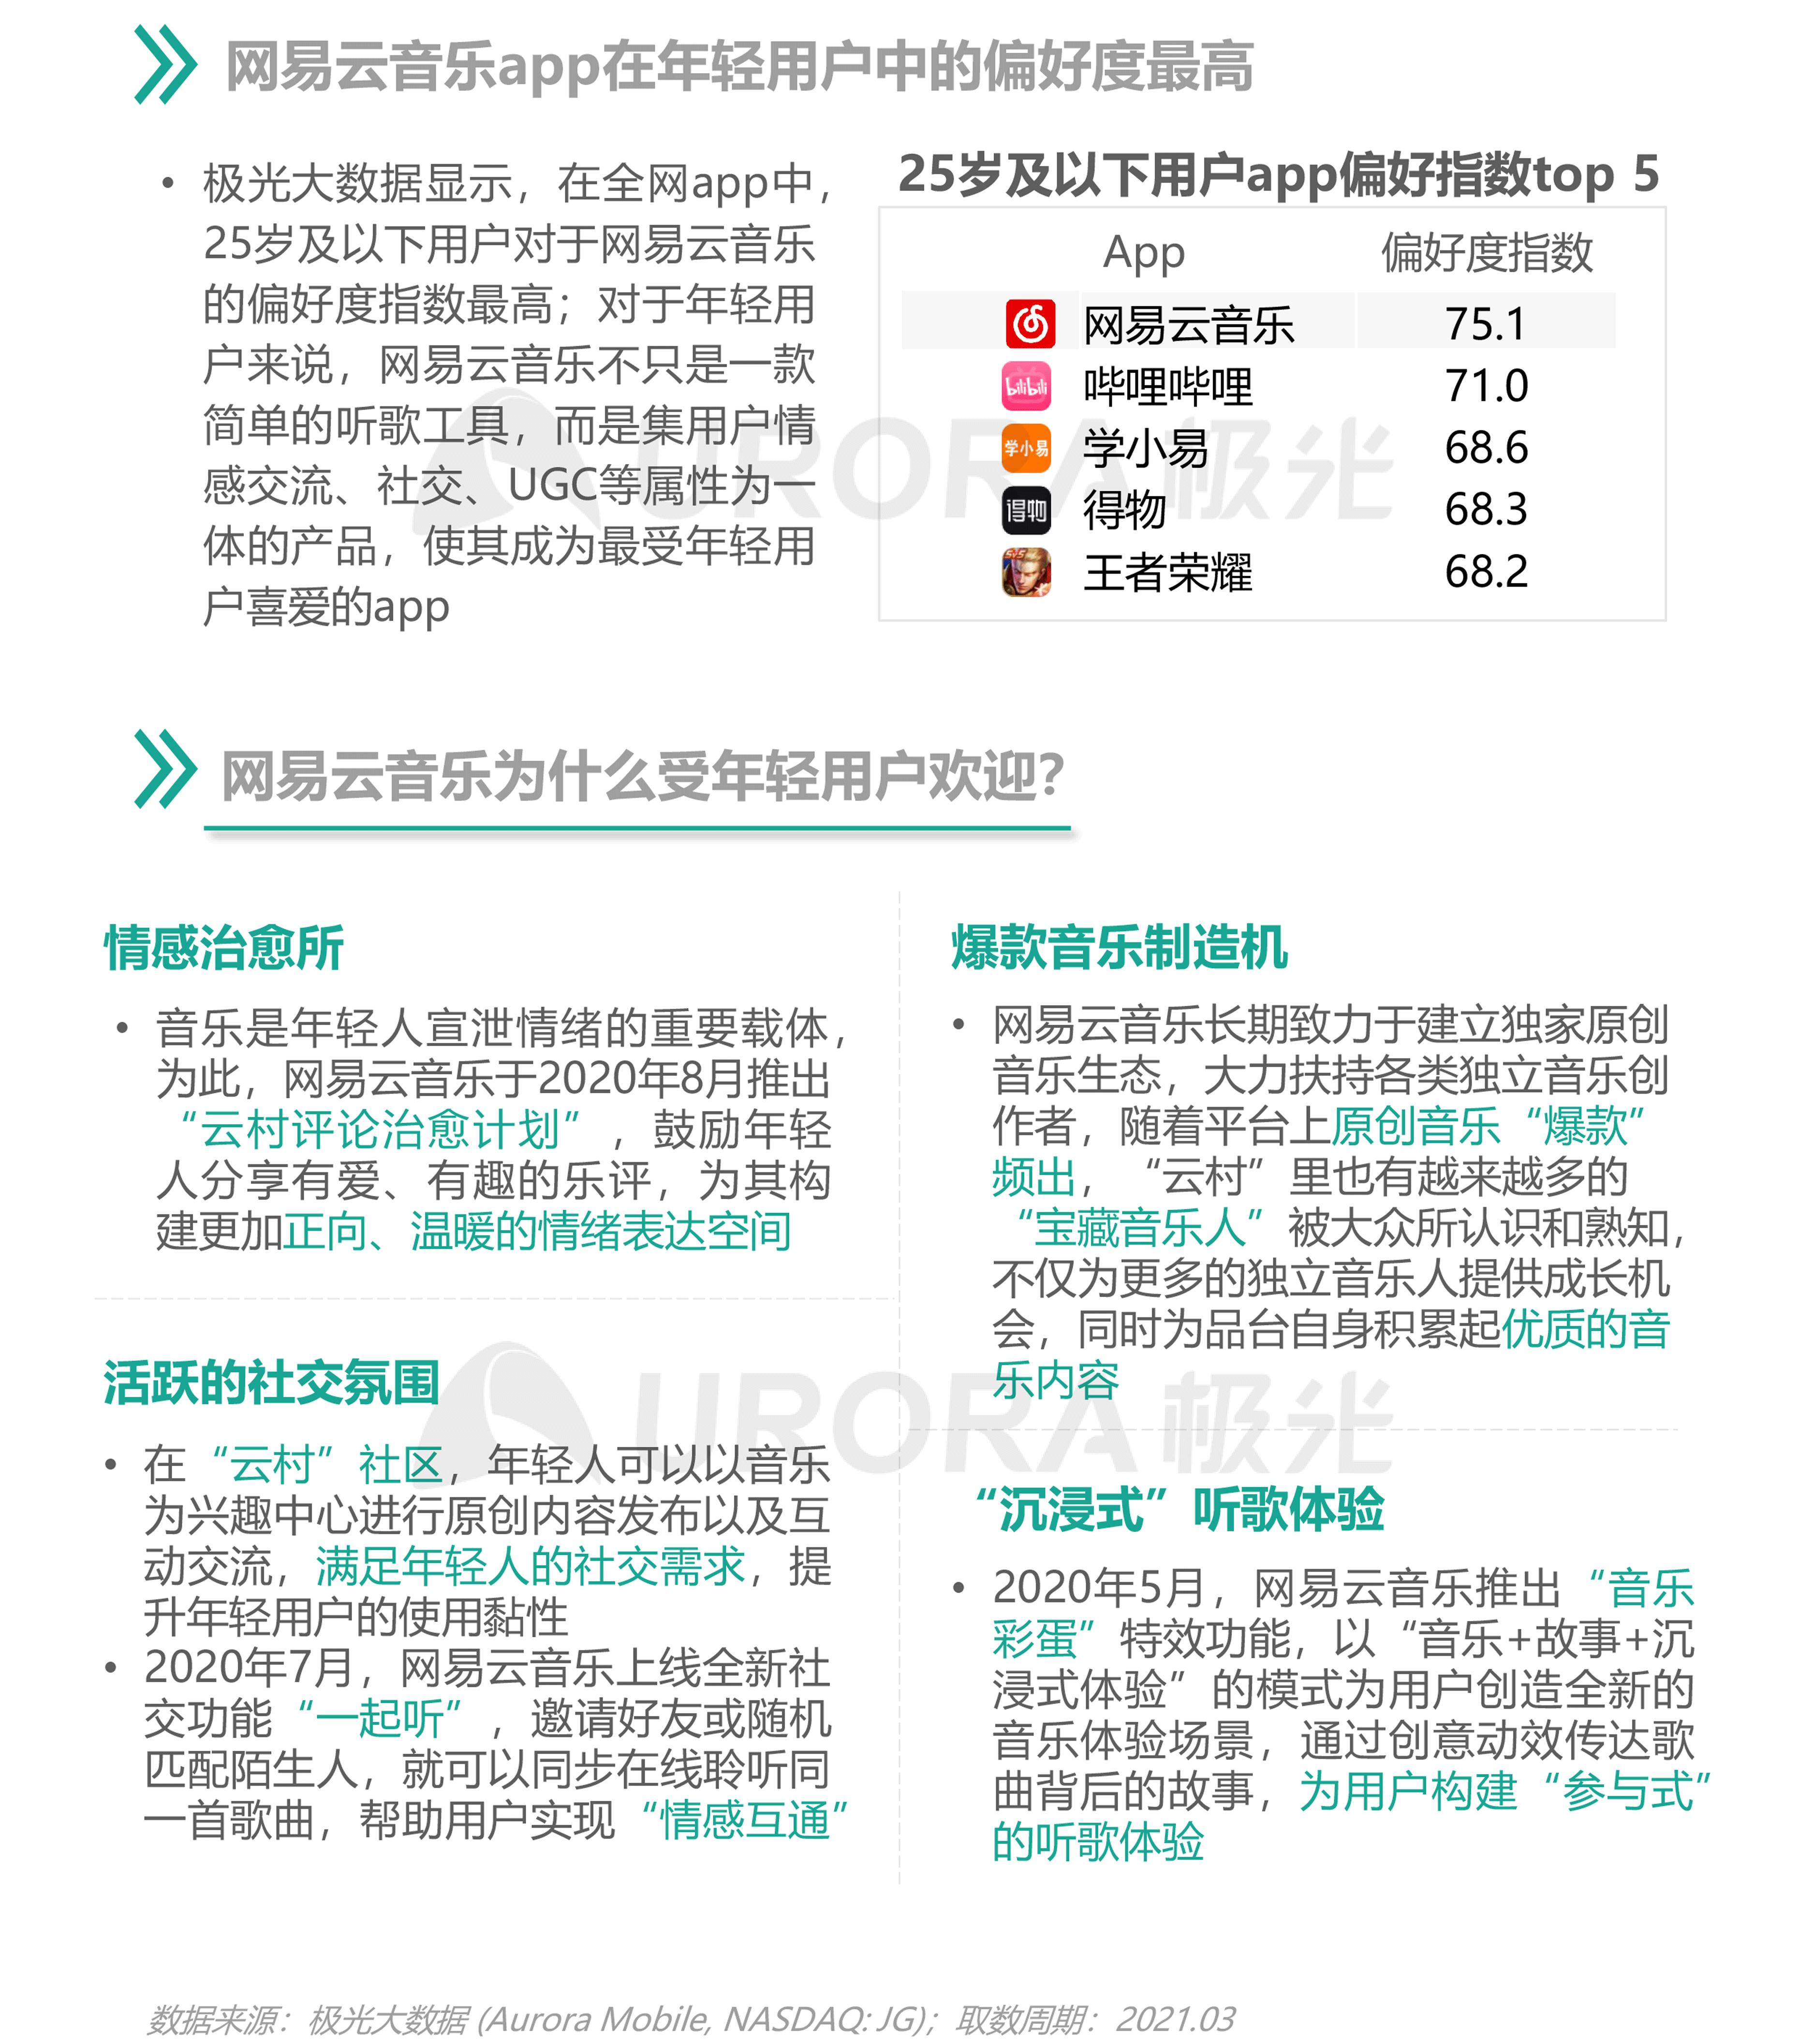 2021年轻人营销趋势研究报告【定稿】-41.png